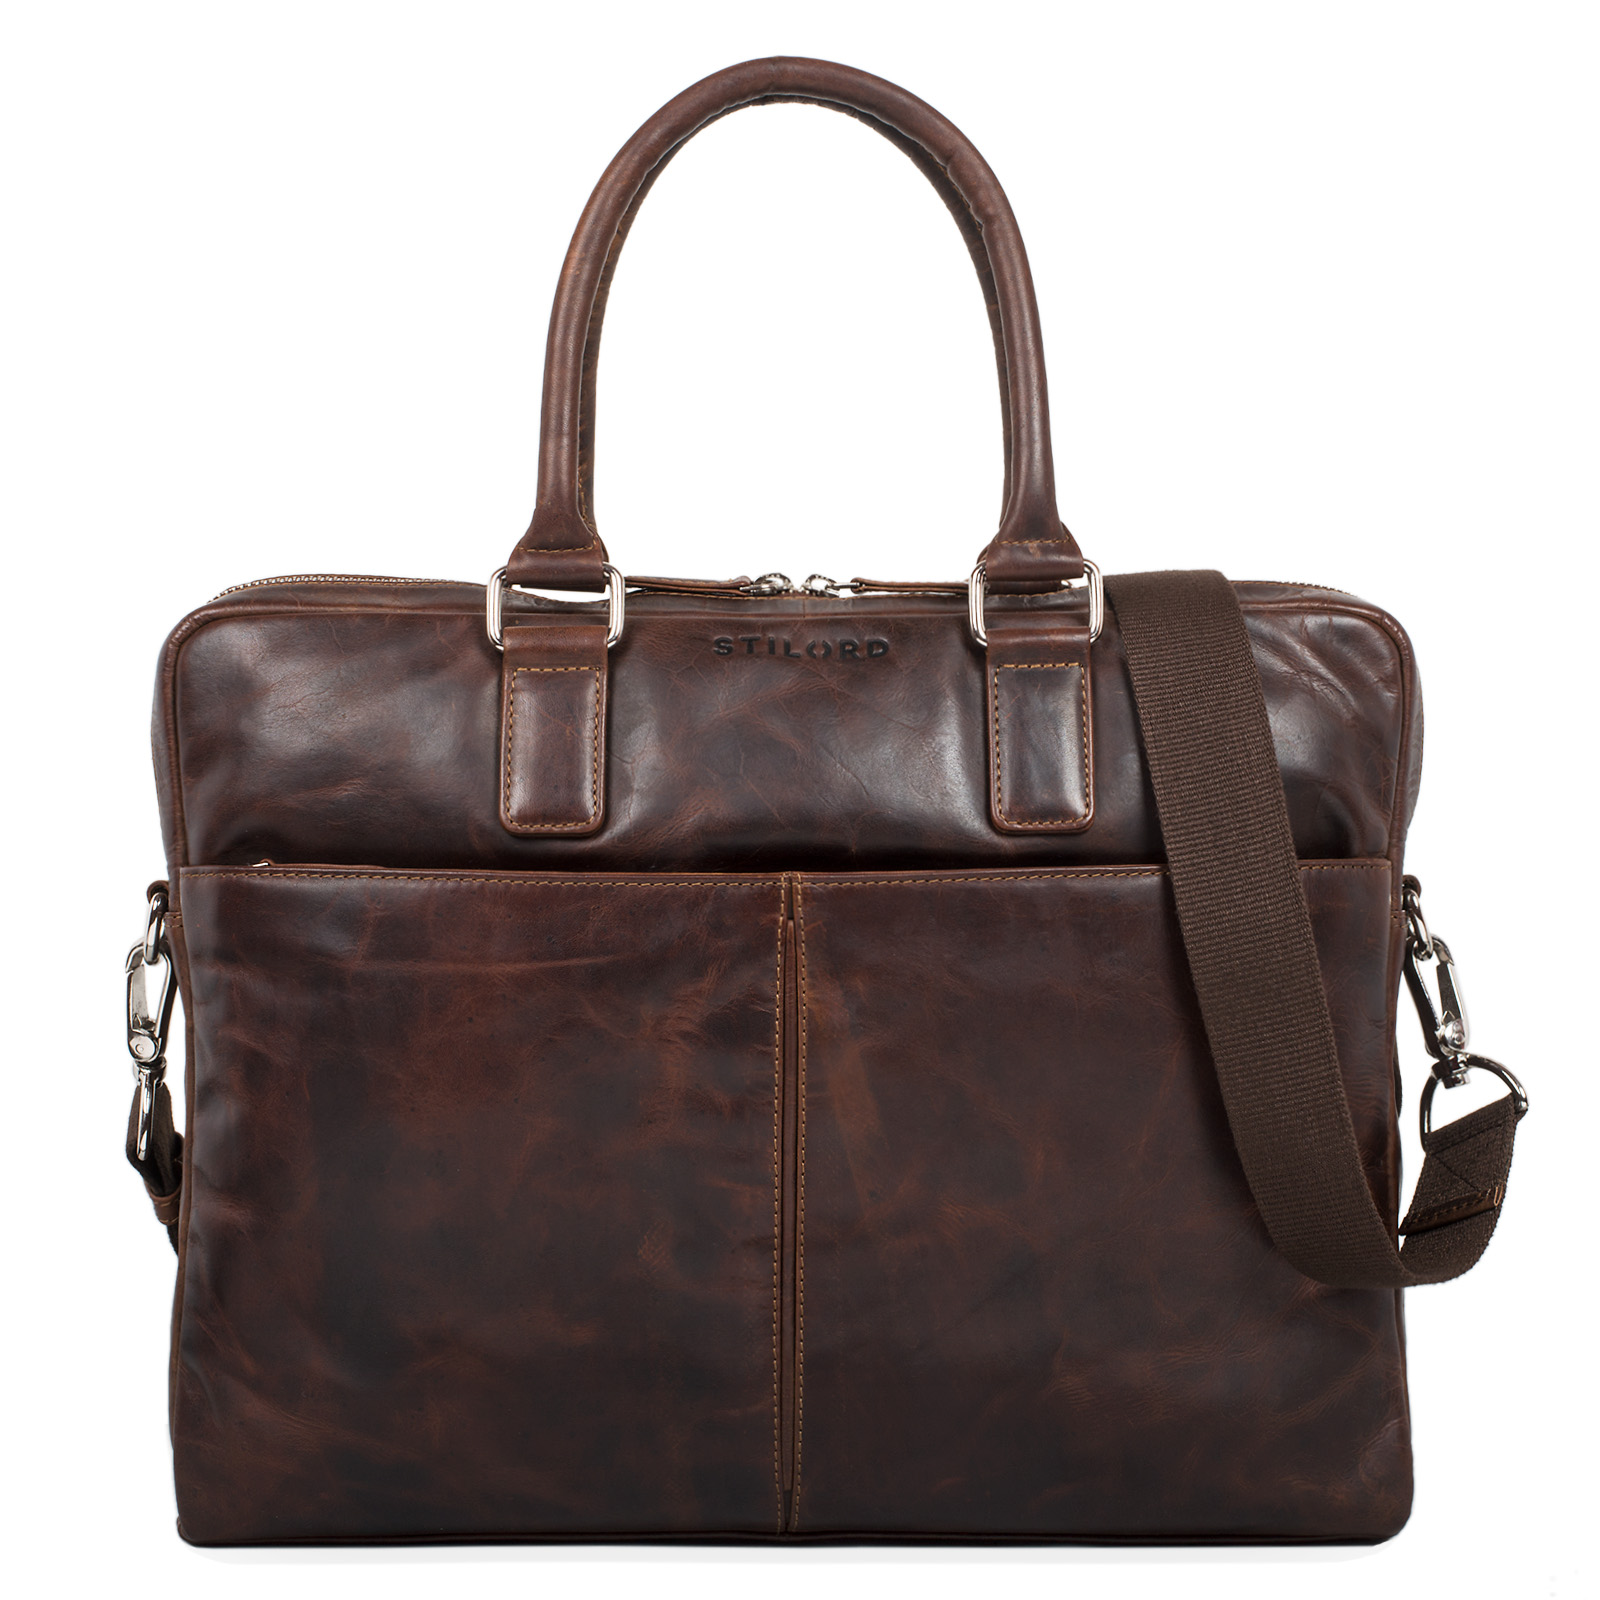 """STILORD """"Emilio"""" Umhängetasche Leder Vintage groß Schultertasche elegante Handtasche für Büro Business Arbeit Laptop 13.3 Zoll Aktentasche DIN A4 - Bild 15"""